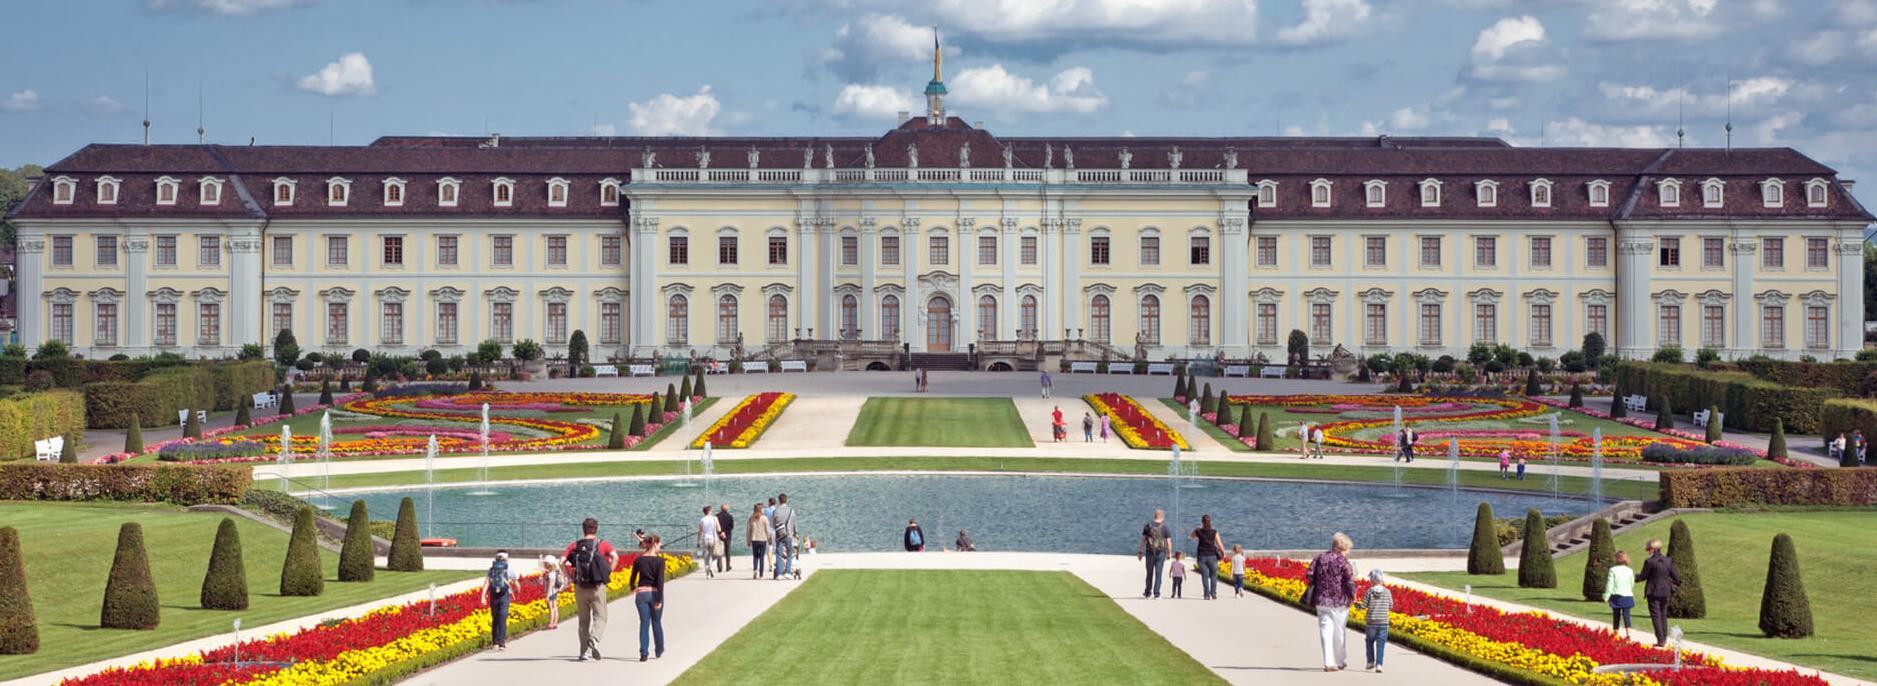 Südgarten mit Südflügel des Schlosses header-barock.jpg